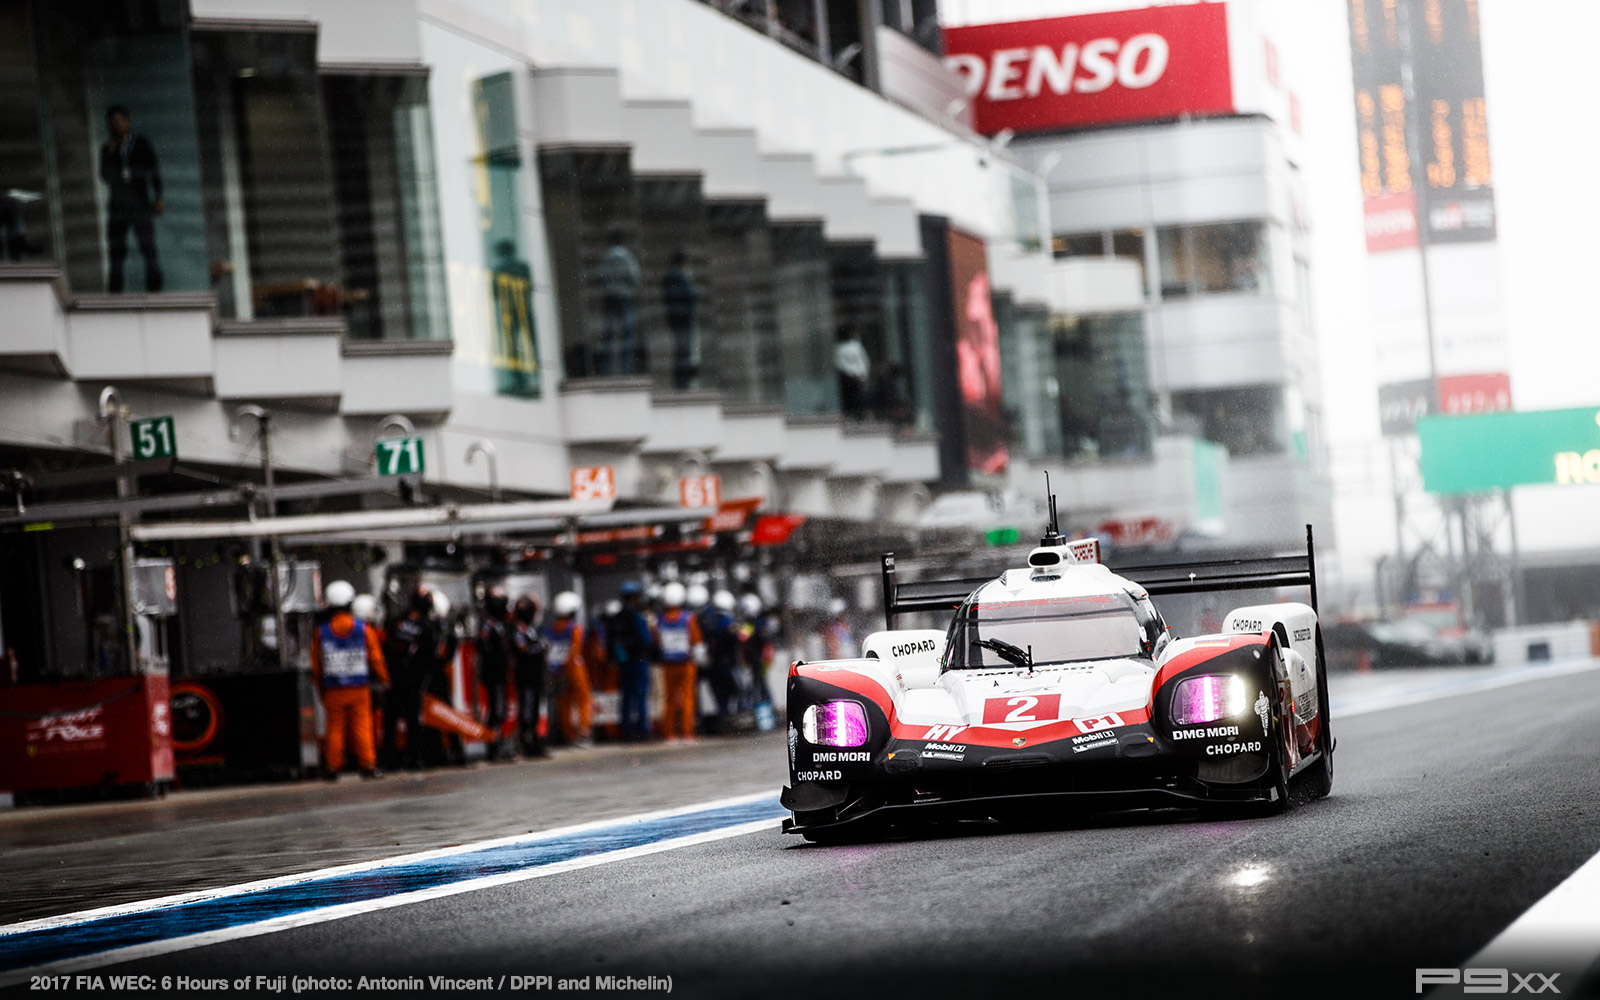 2017-FIA-WEC-6h-of-Fuji-Porsche-Fuji_02117011_1776305